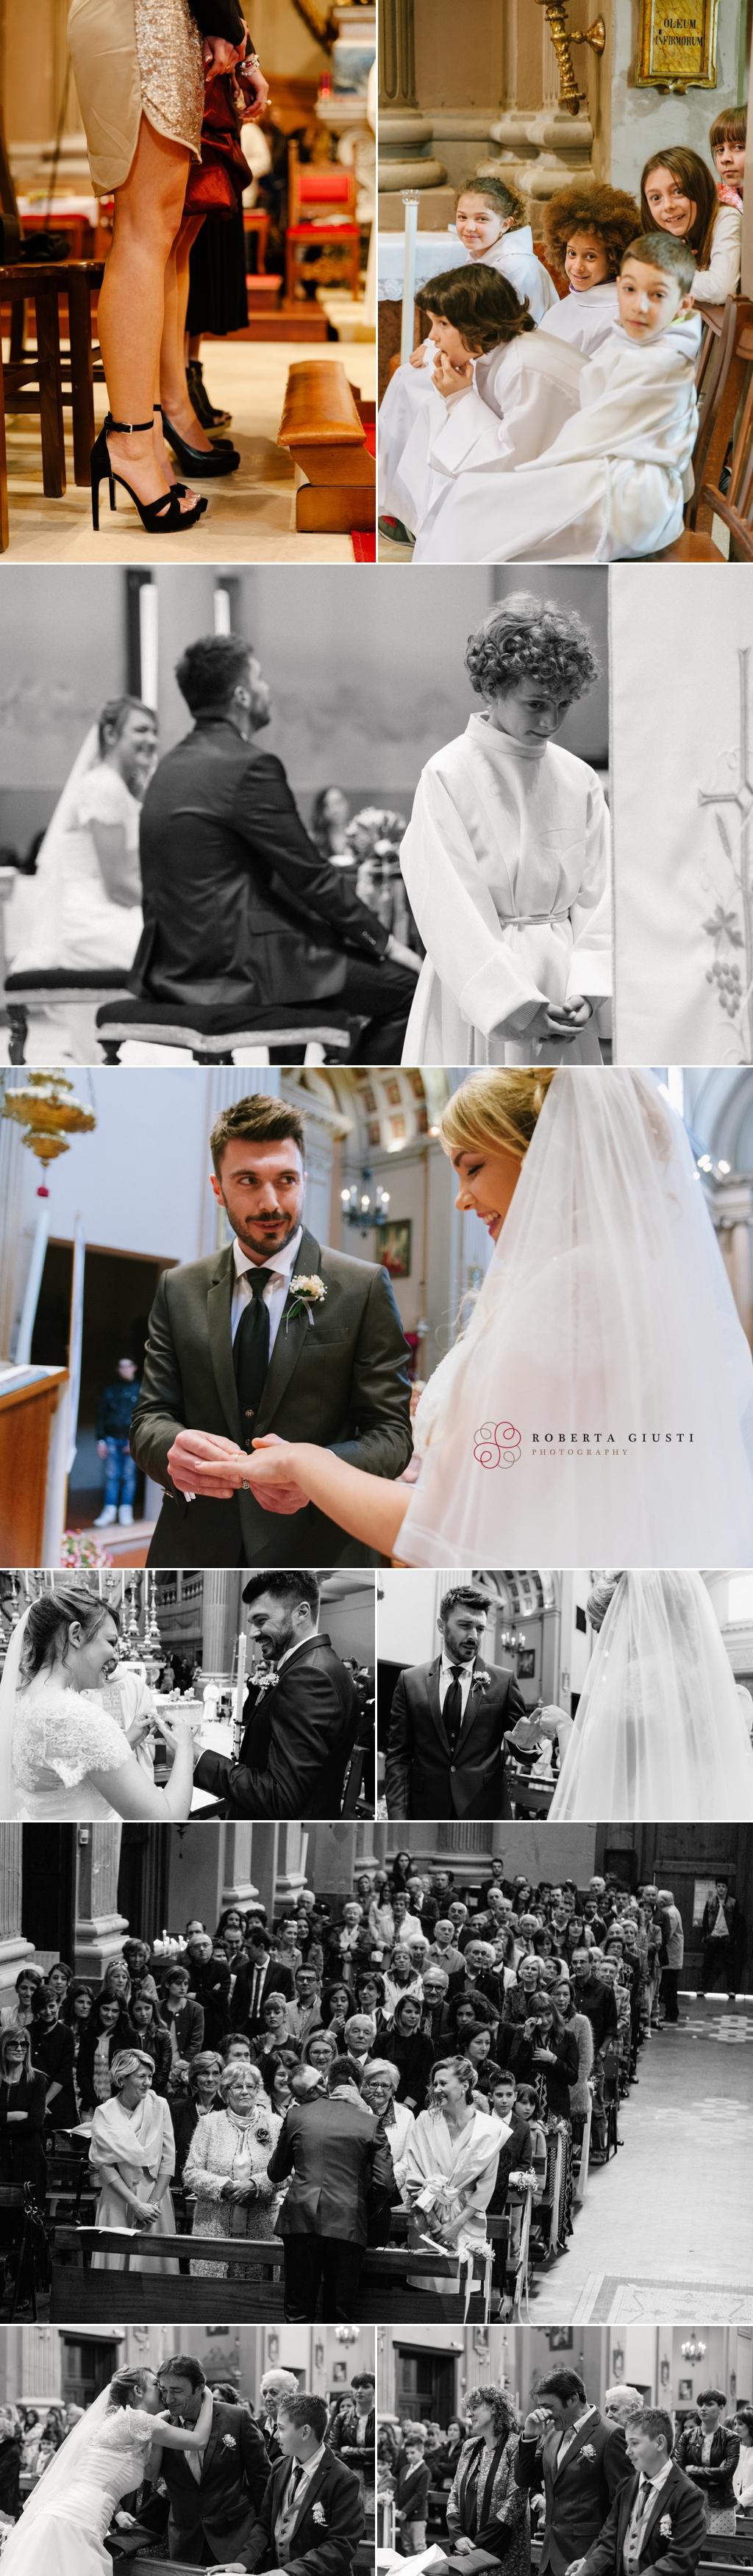 fotografo matrimonio scambio anelli